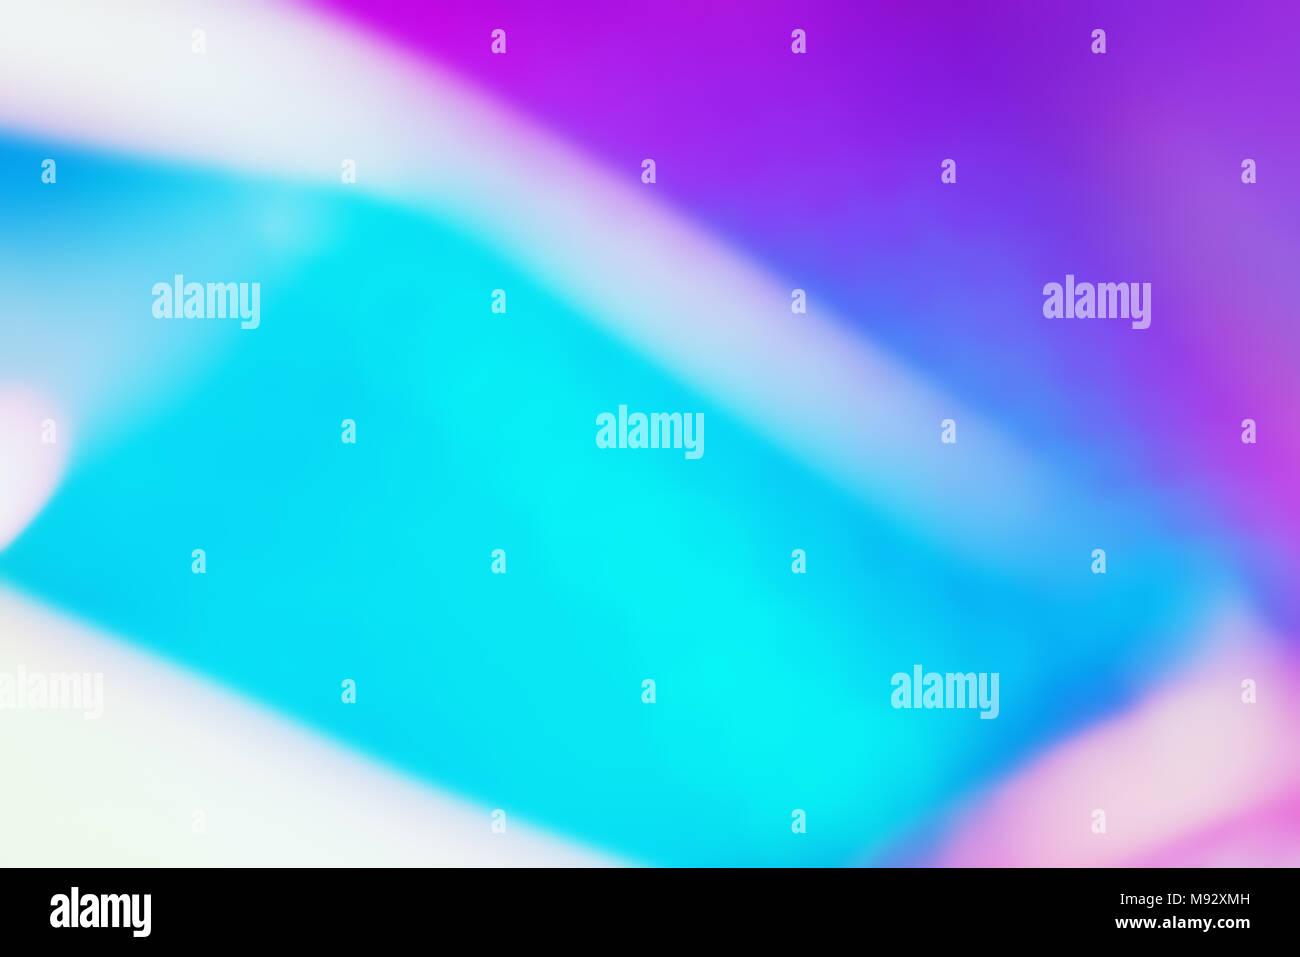 Neon uv holographique Résumé Contexte unfocus. Banque D'Images